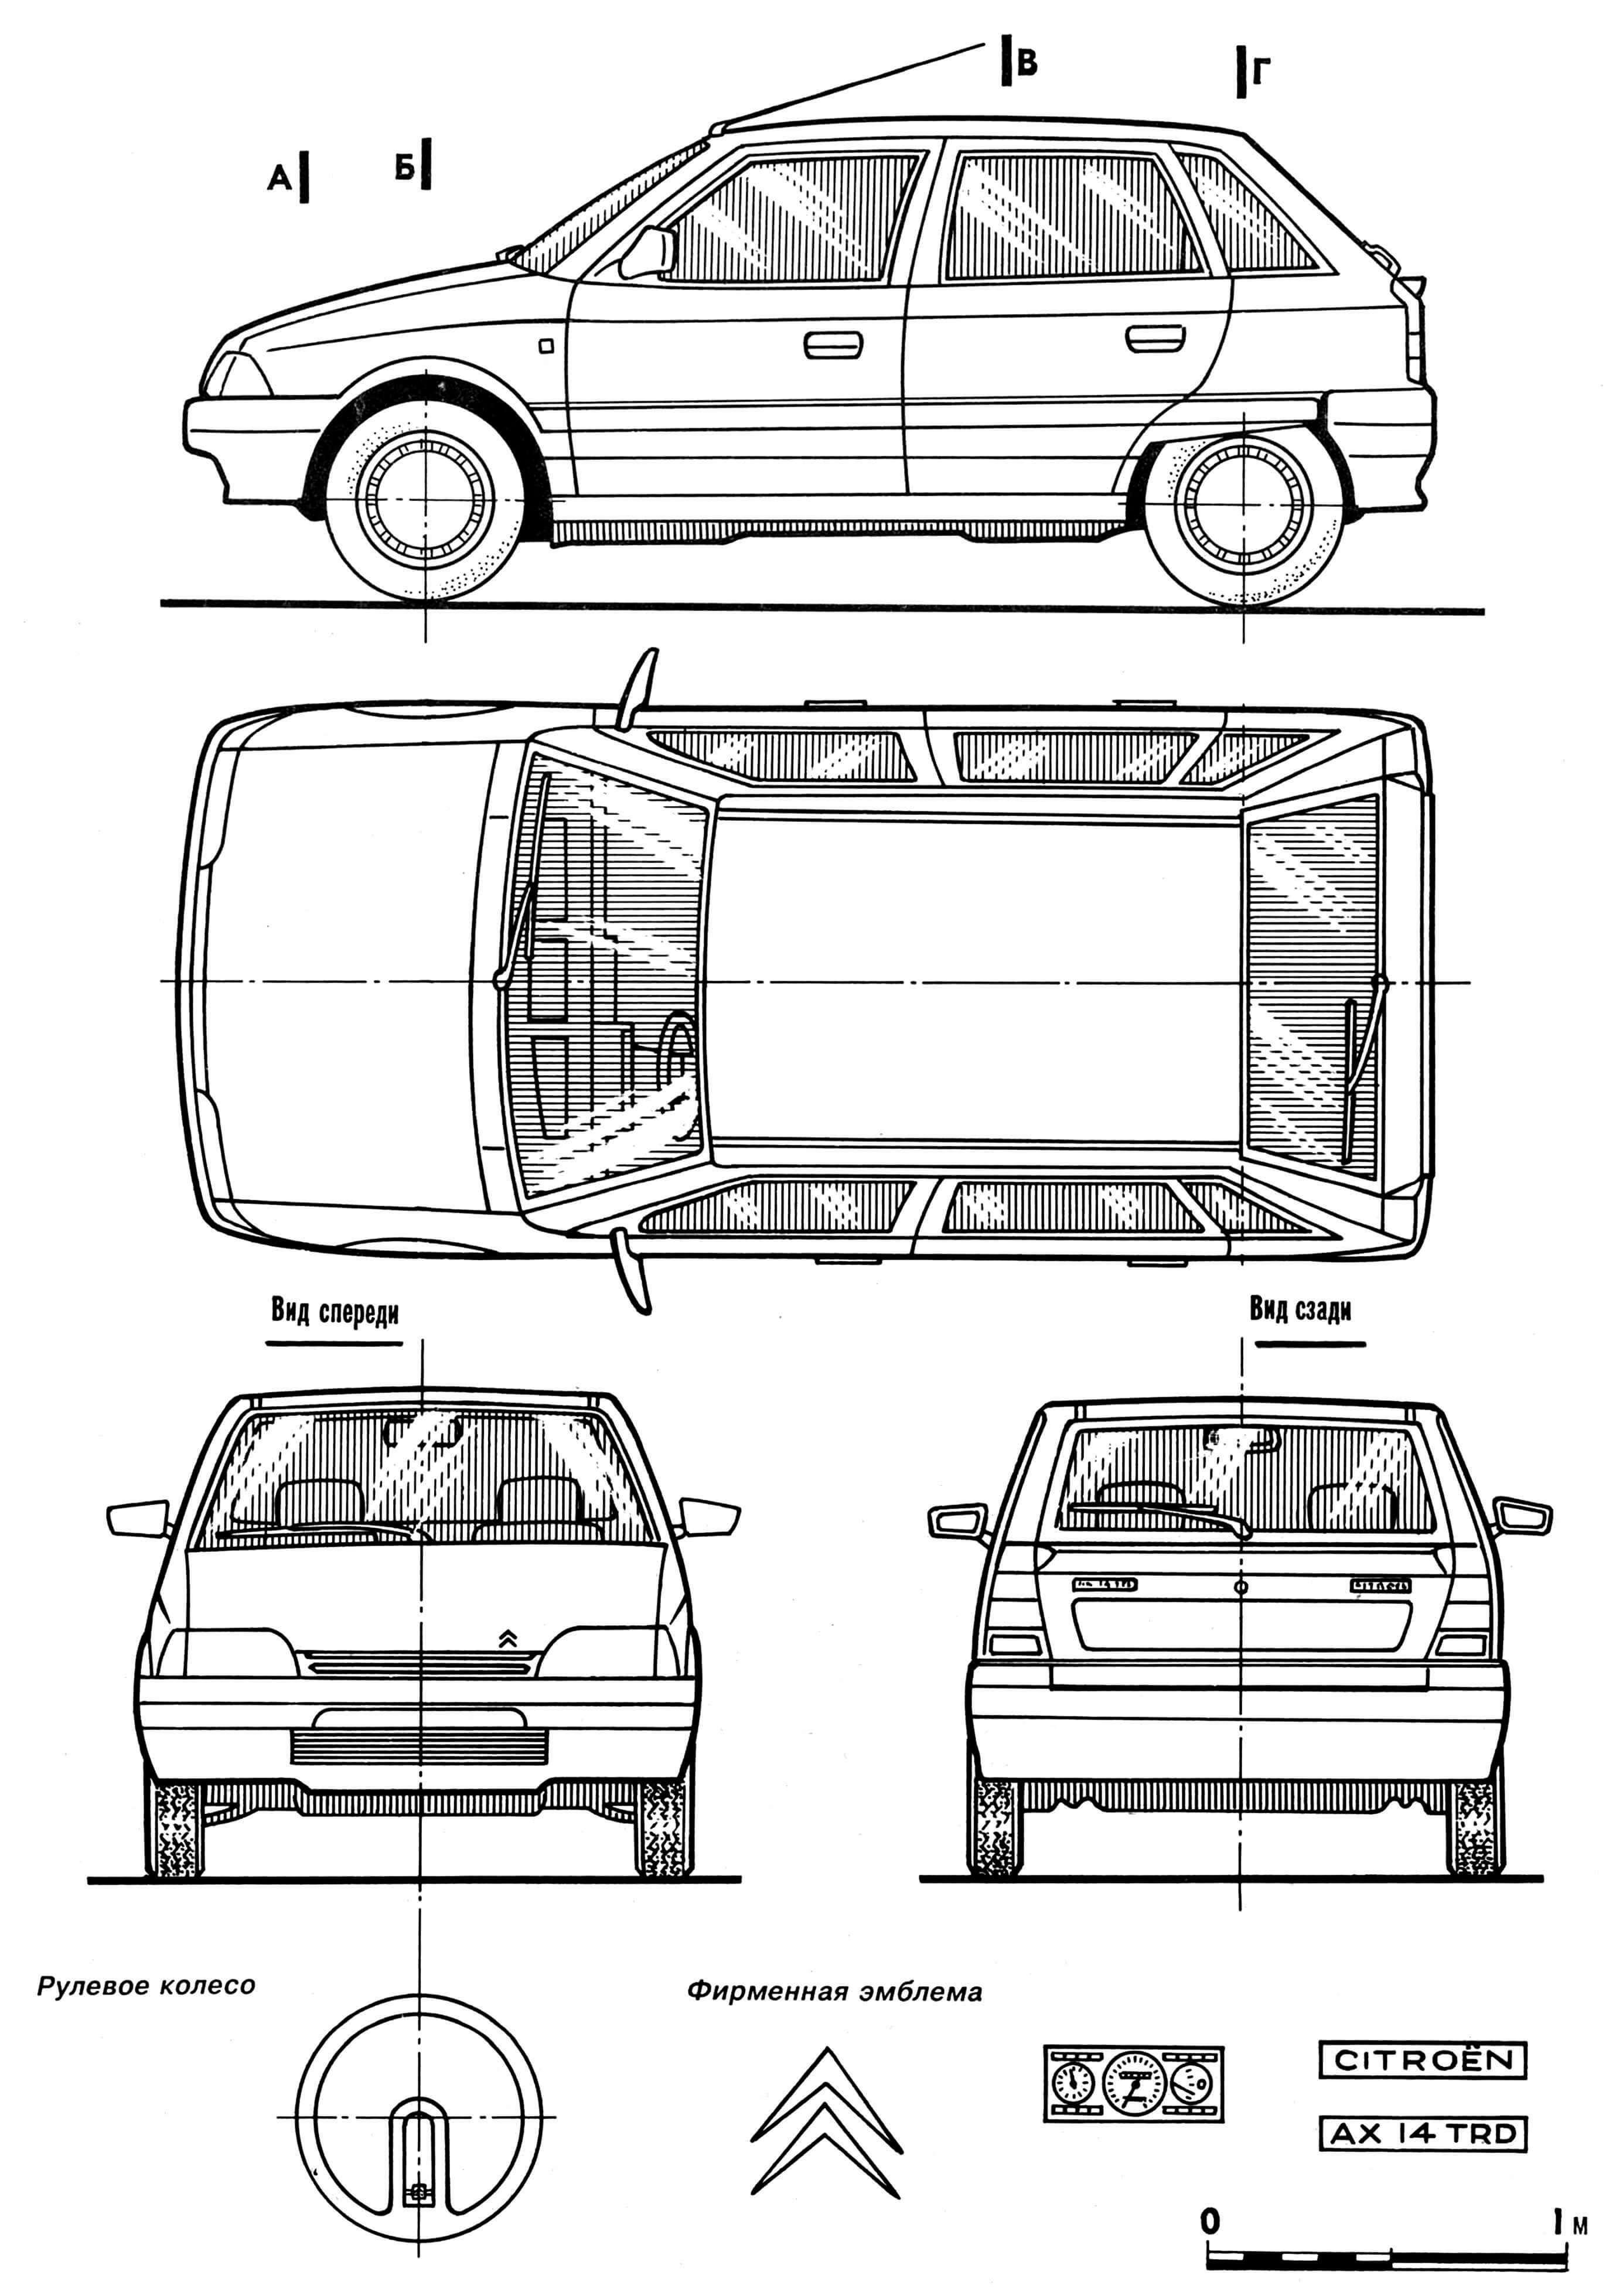 Автомобиль «CITROEN АХ» 14 TRD с пятидверным кузовом.